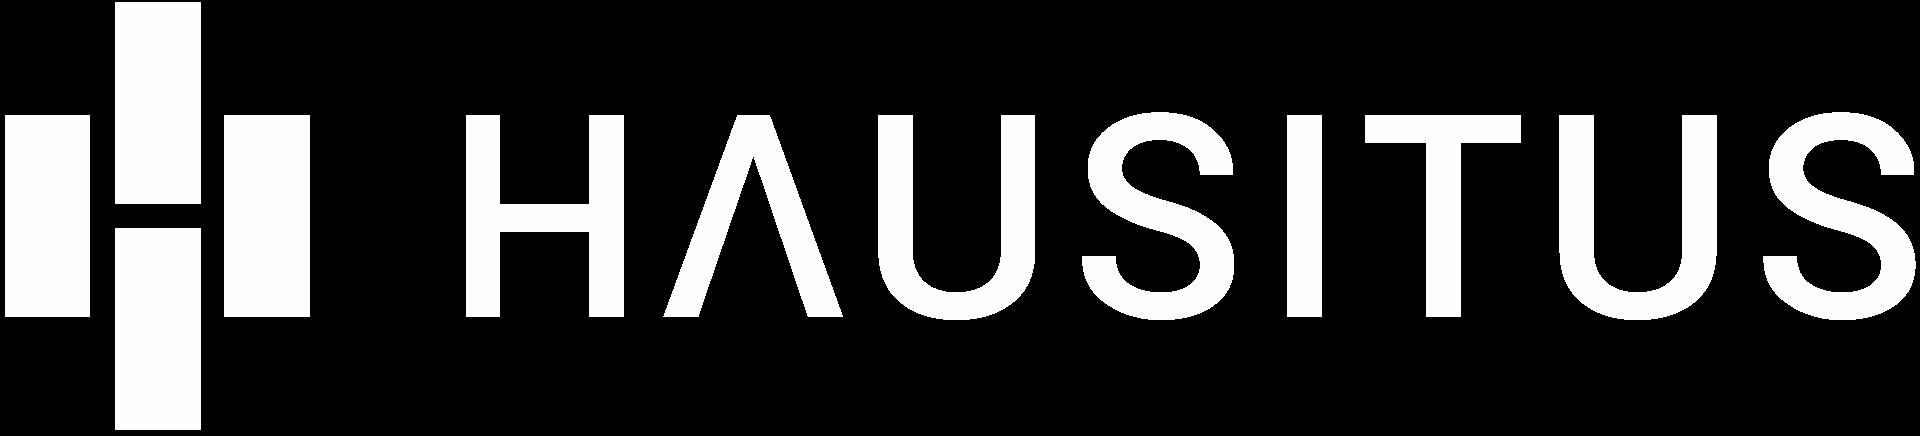 hausitus-logo